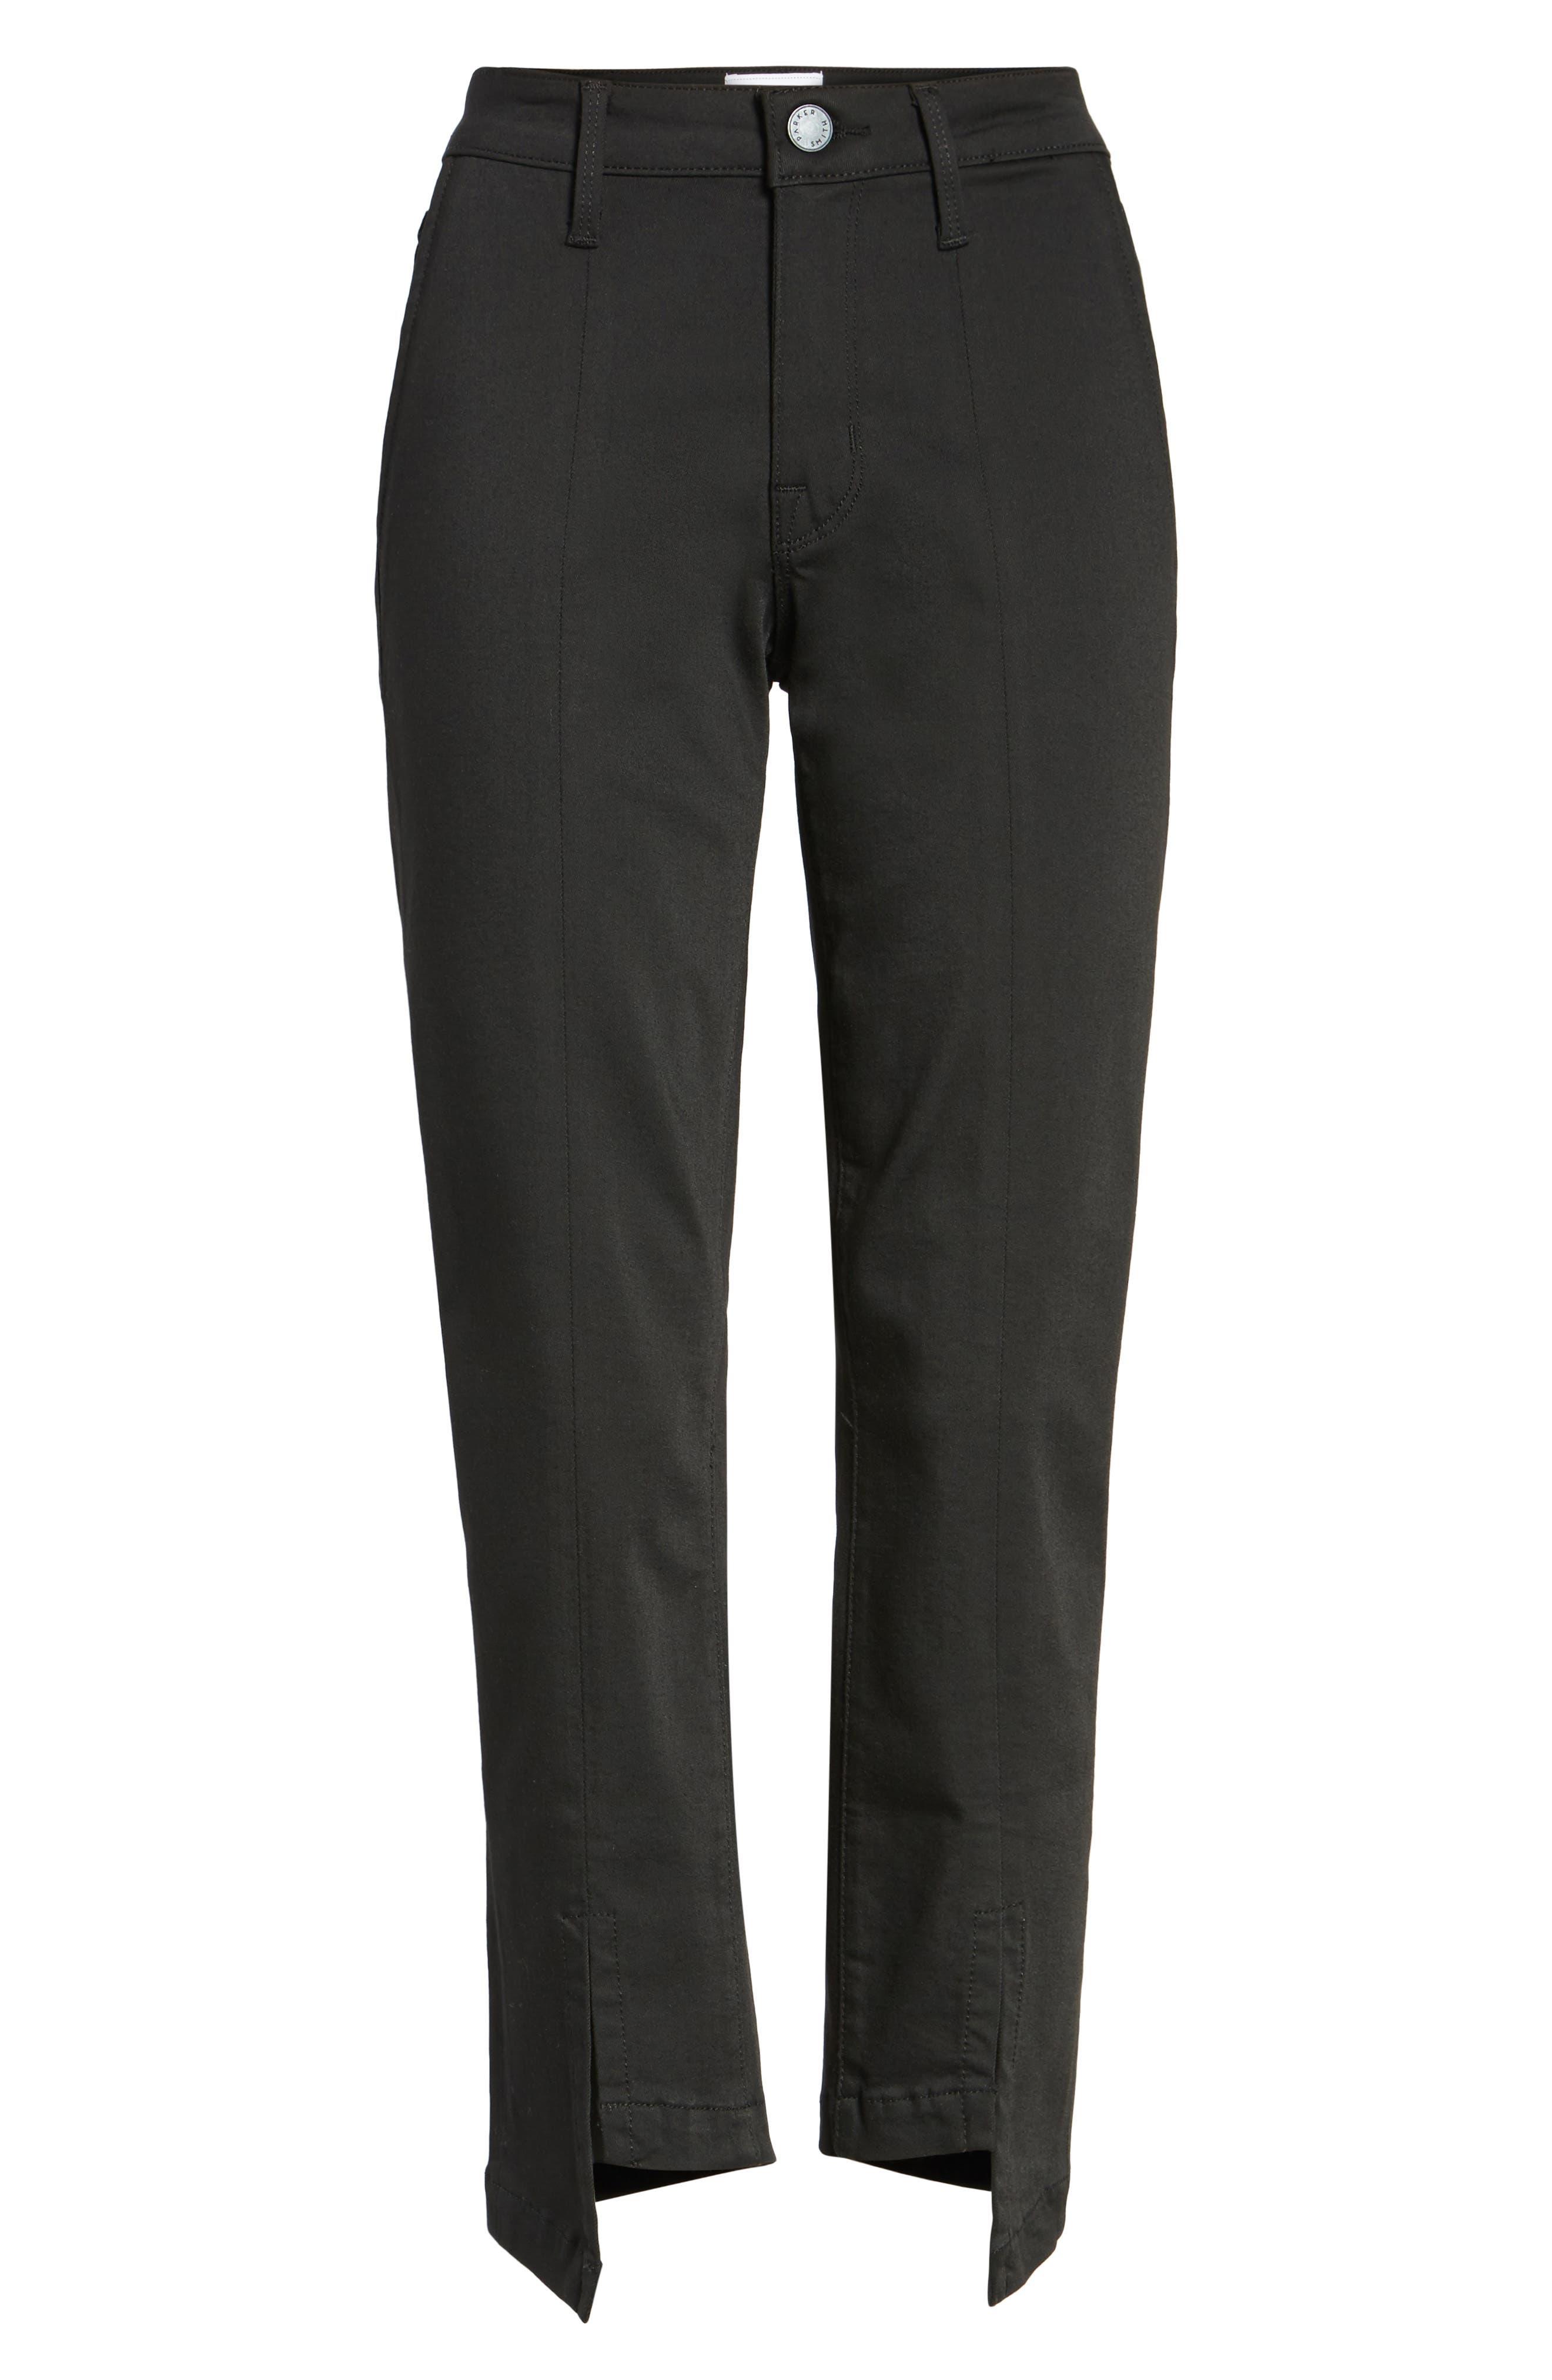 PARKER Novak Slit Hem Trouser Jeans,                             Alternate thumbnail 6, color,                             Eternal Black